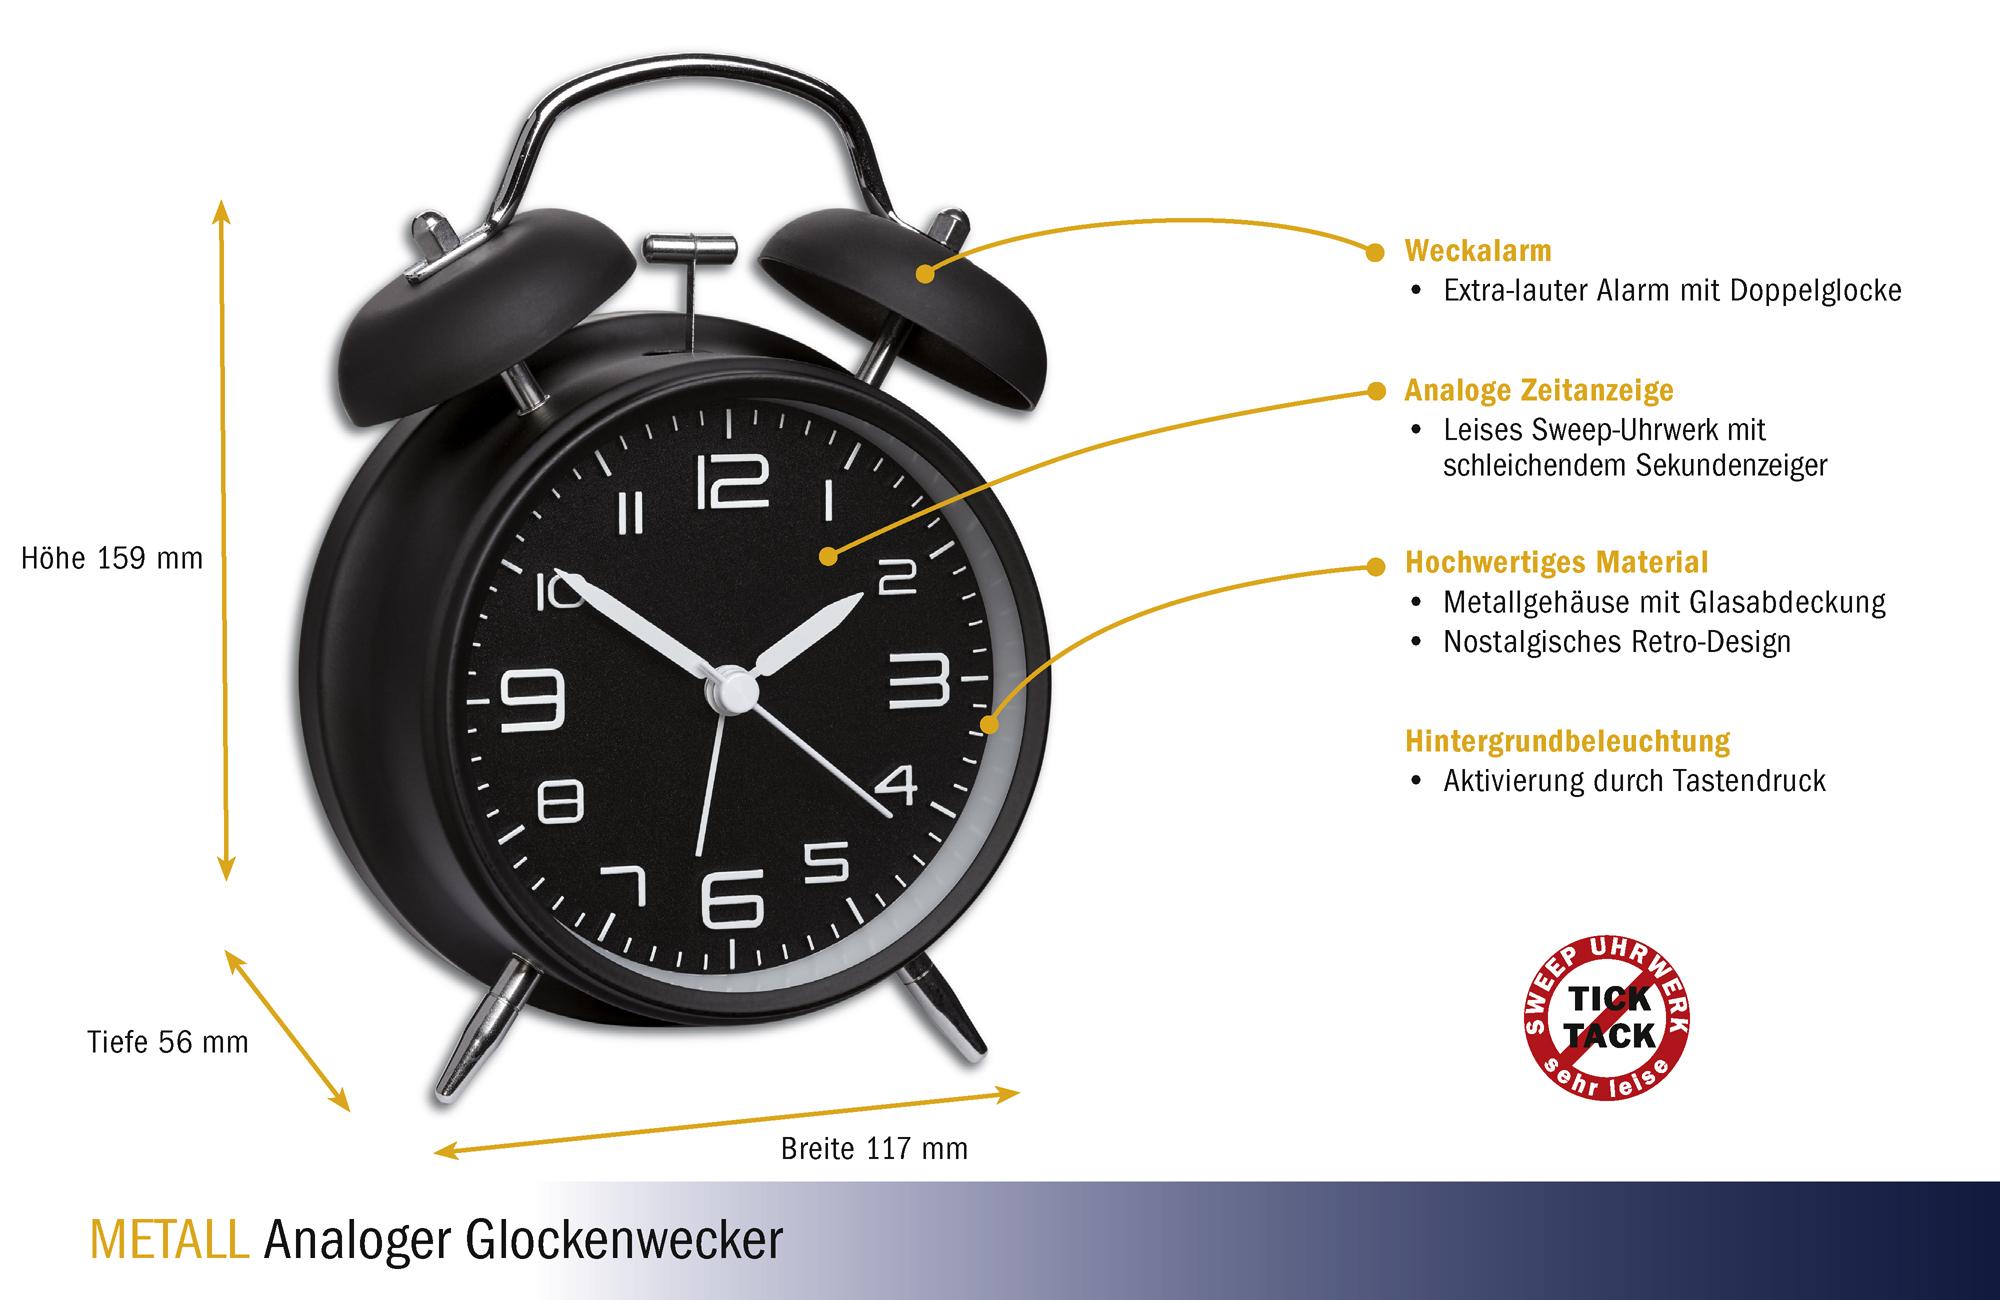 Doppelglockenwecker_Analoger Wecker_ lauter Alarm_601025_Bemassung.jpg